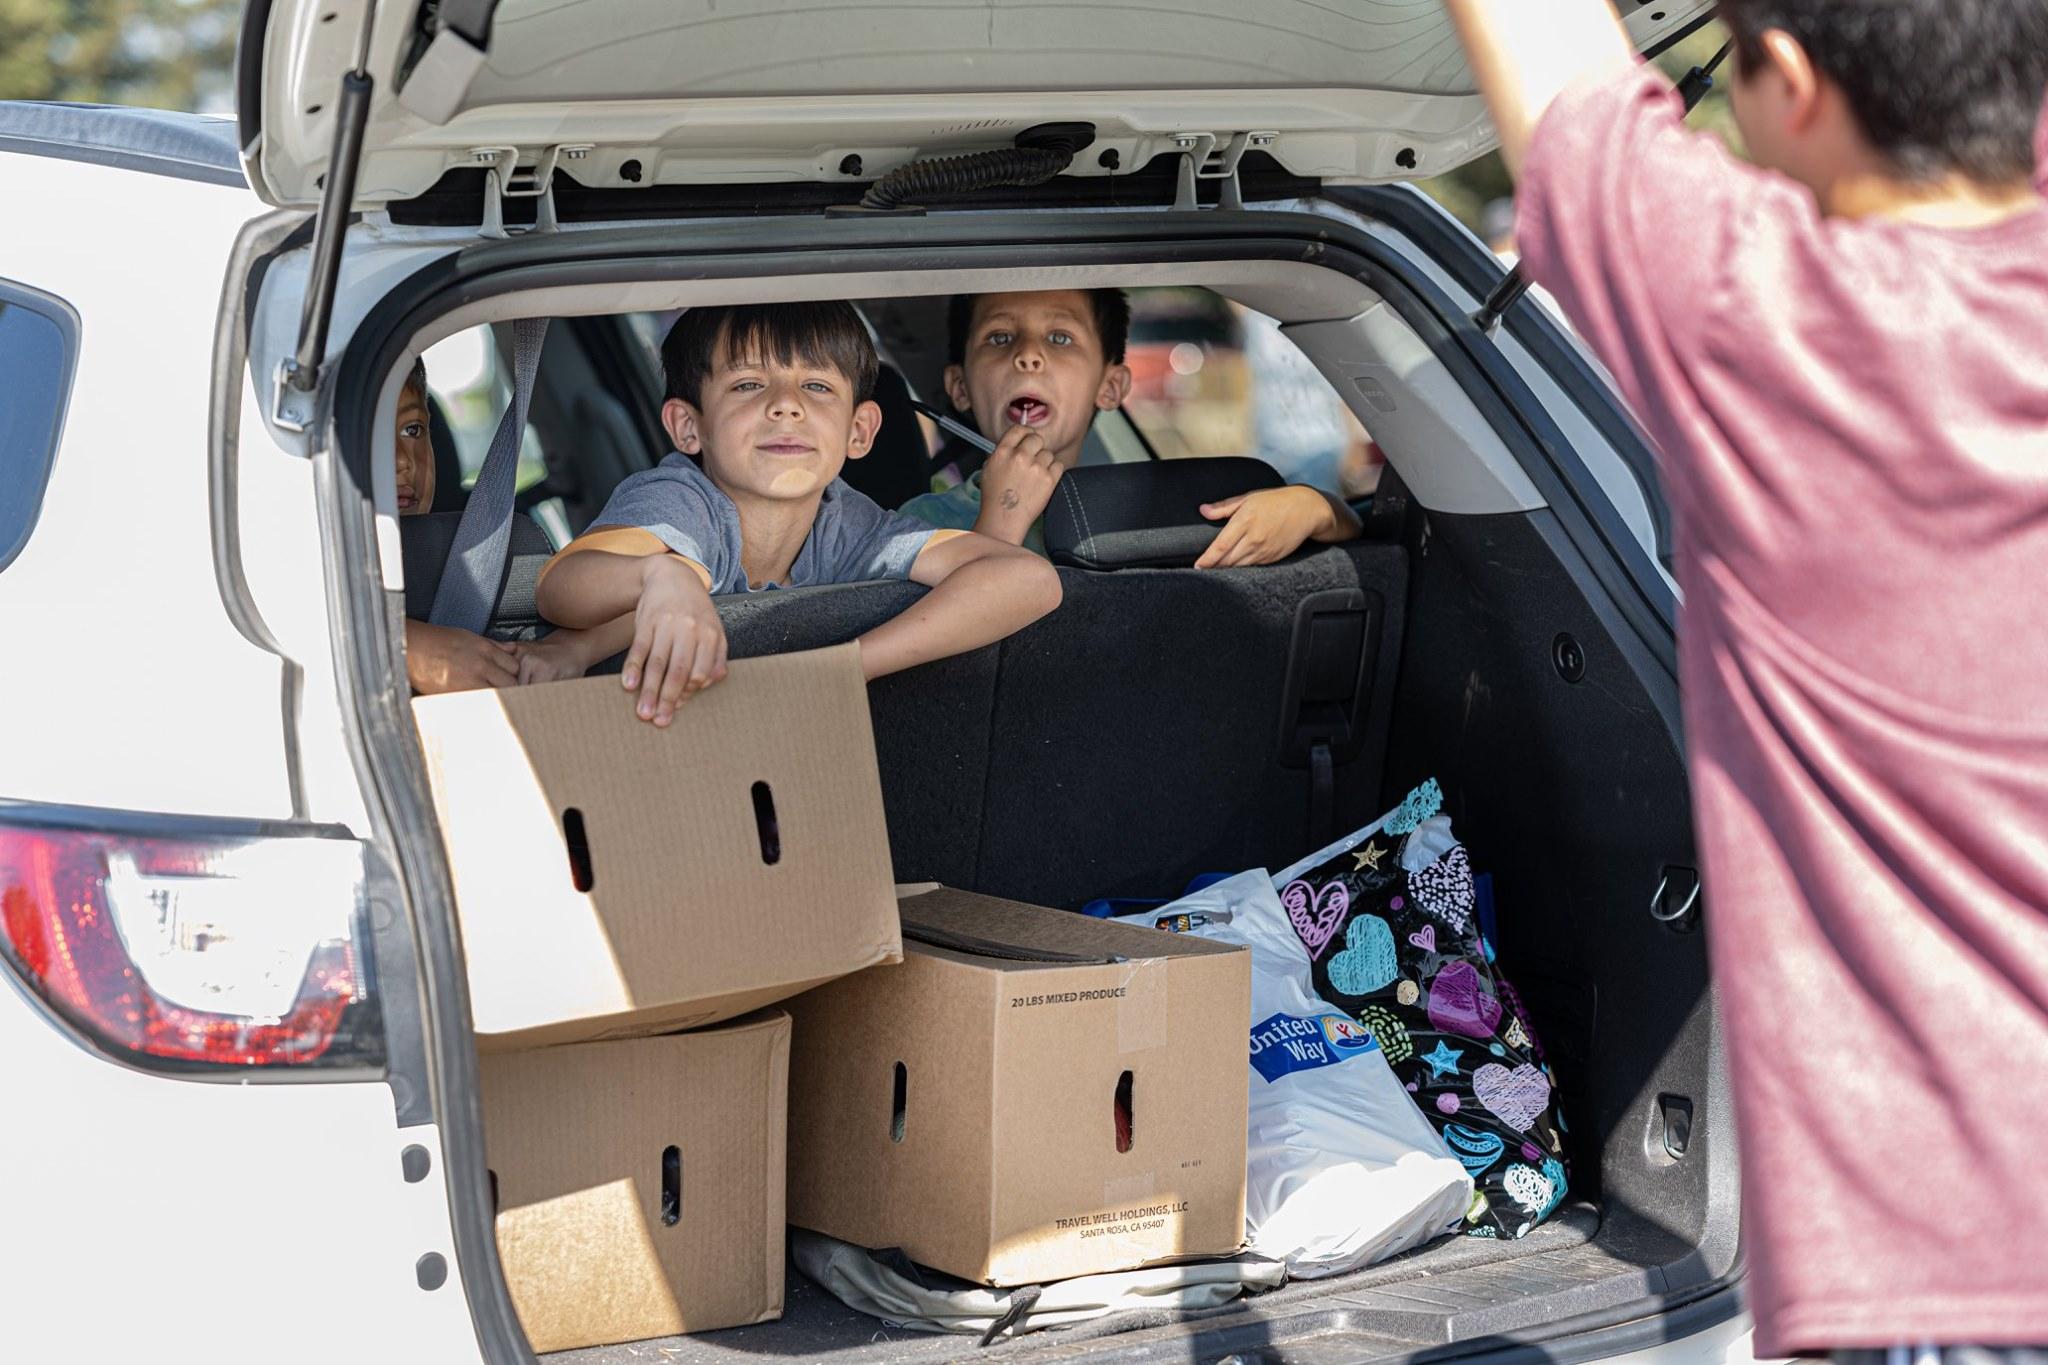 Kids in car receiving food boxes